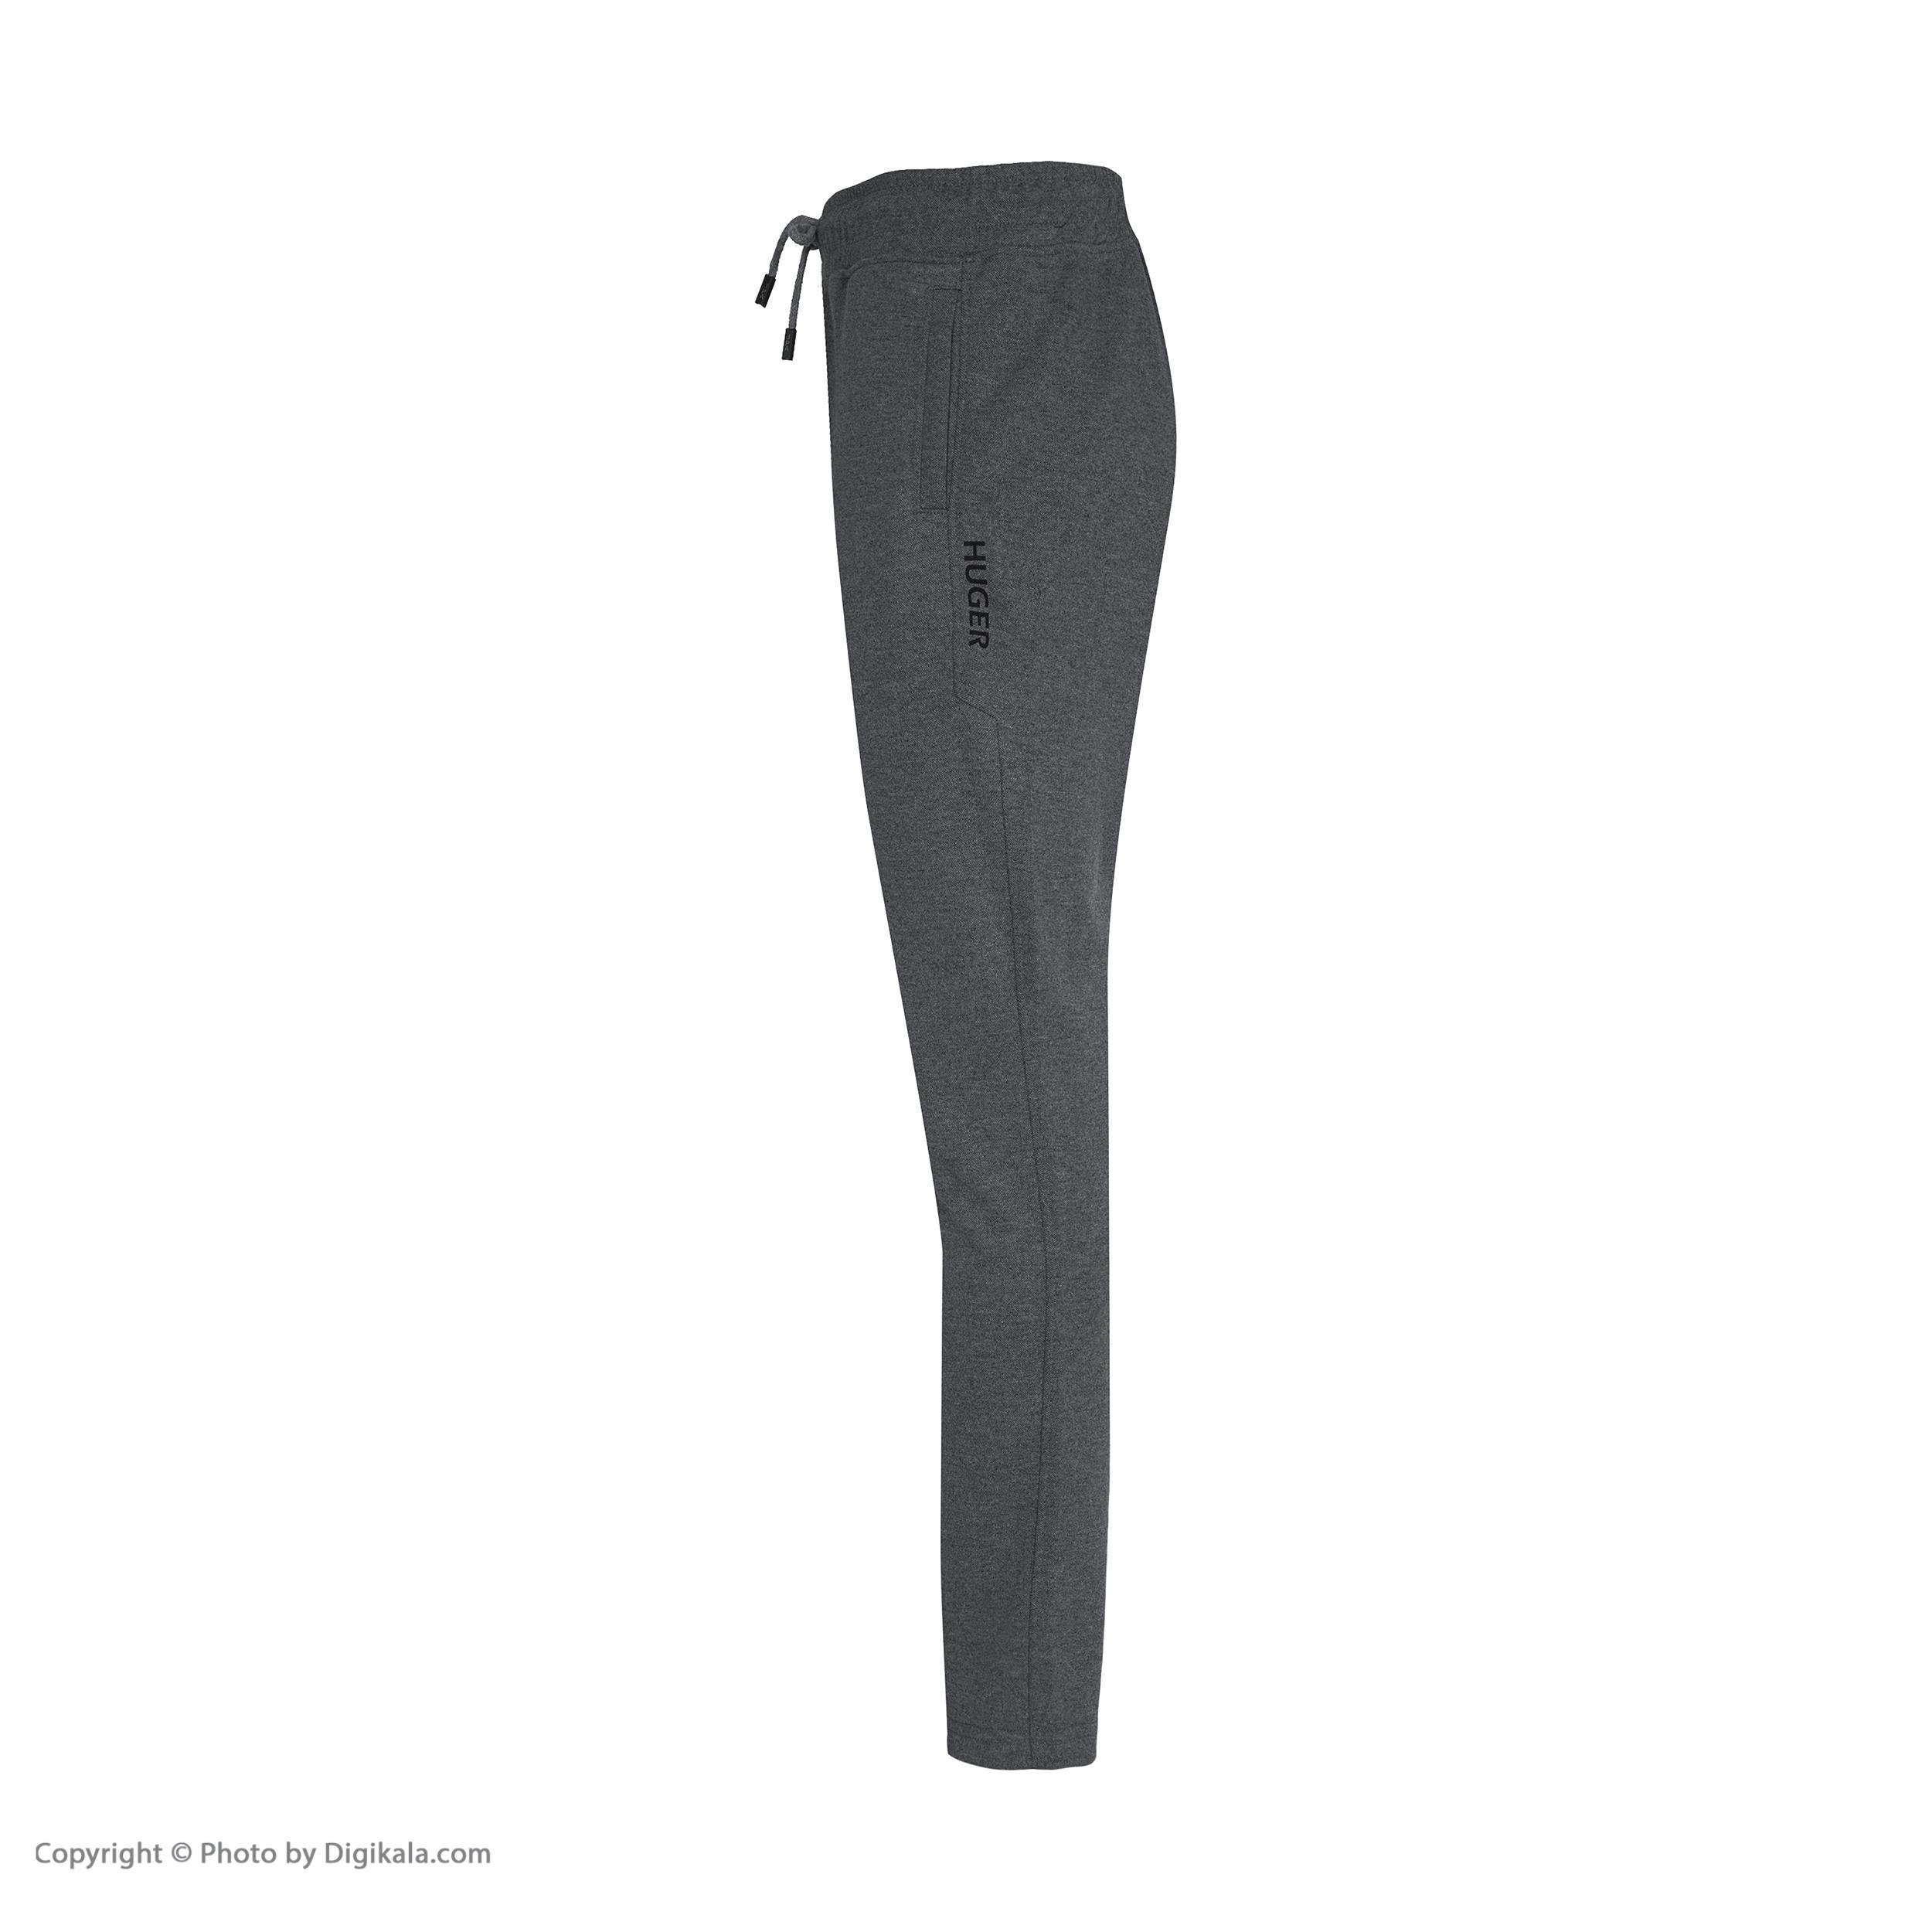 شلوار ورزشی مردانه جامه پوش آرا مدل 4121009293-92